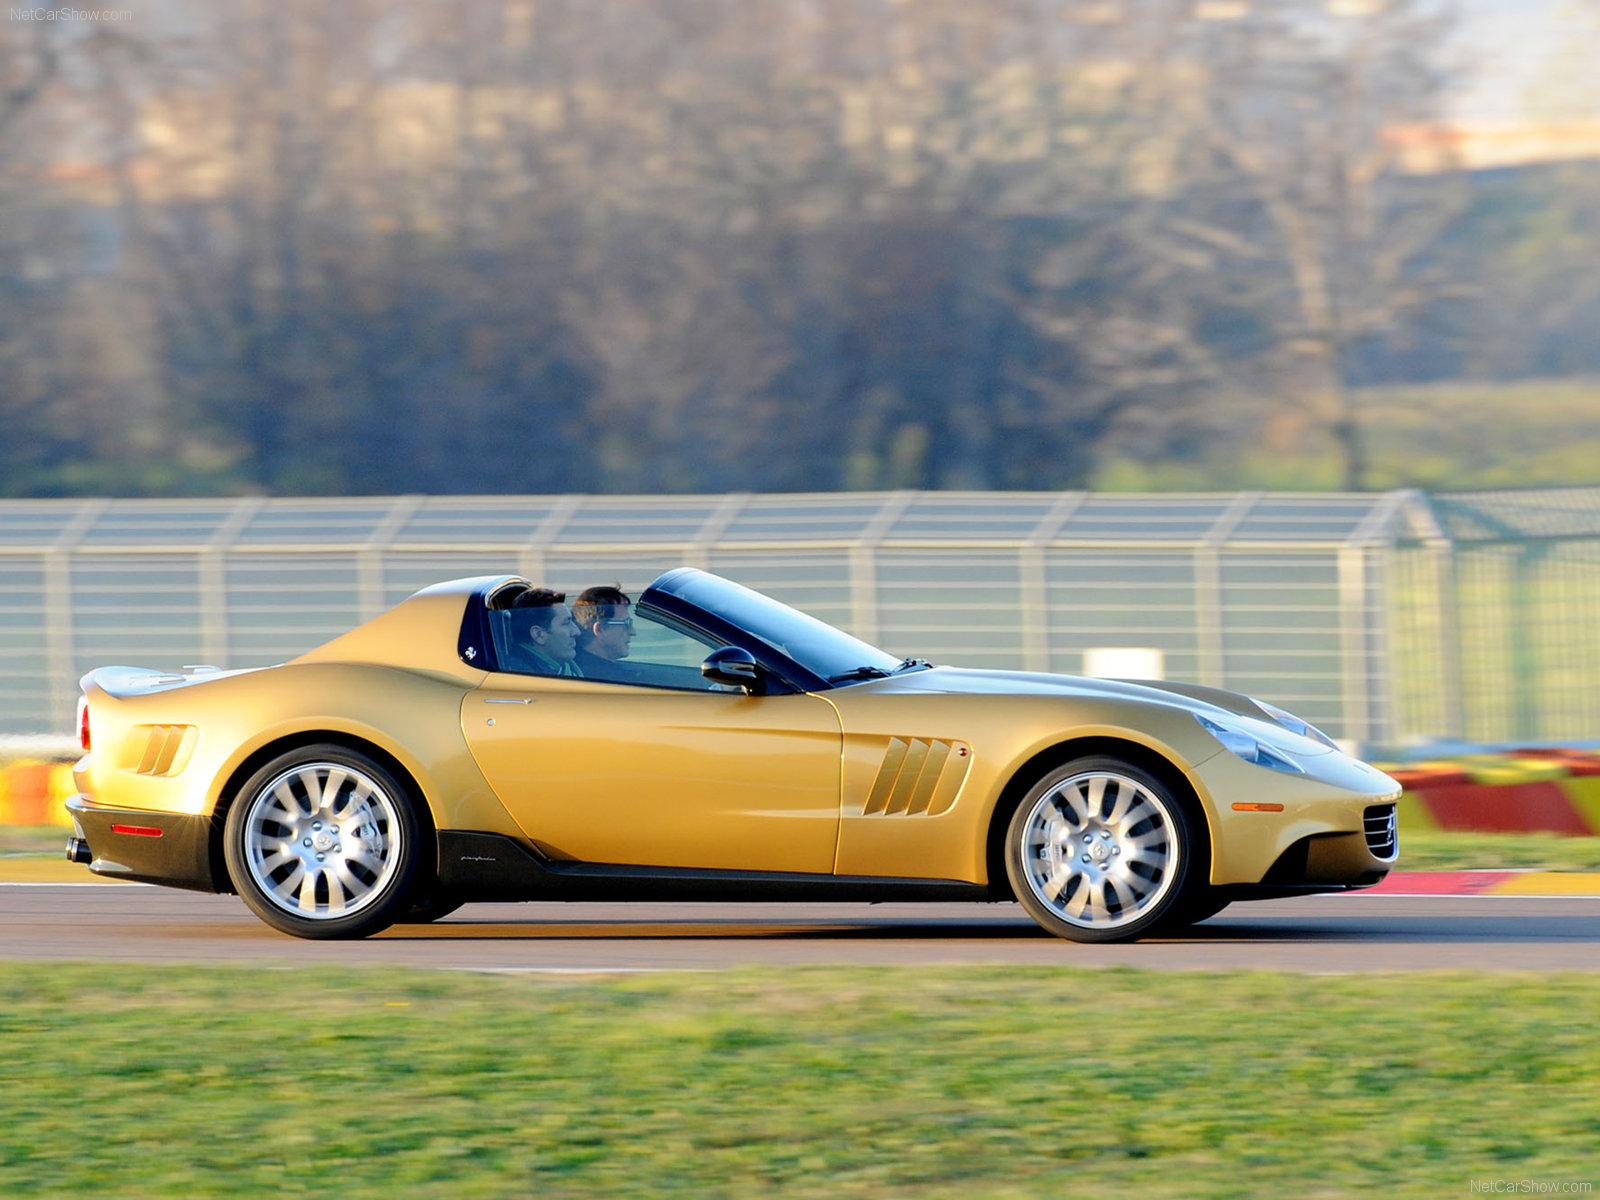 Hình ảnh siêu xe Ferrari P540 Superfast Aperta 2010 & nội ngoại thất